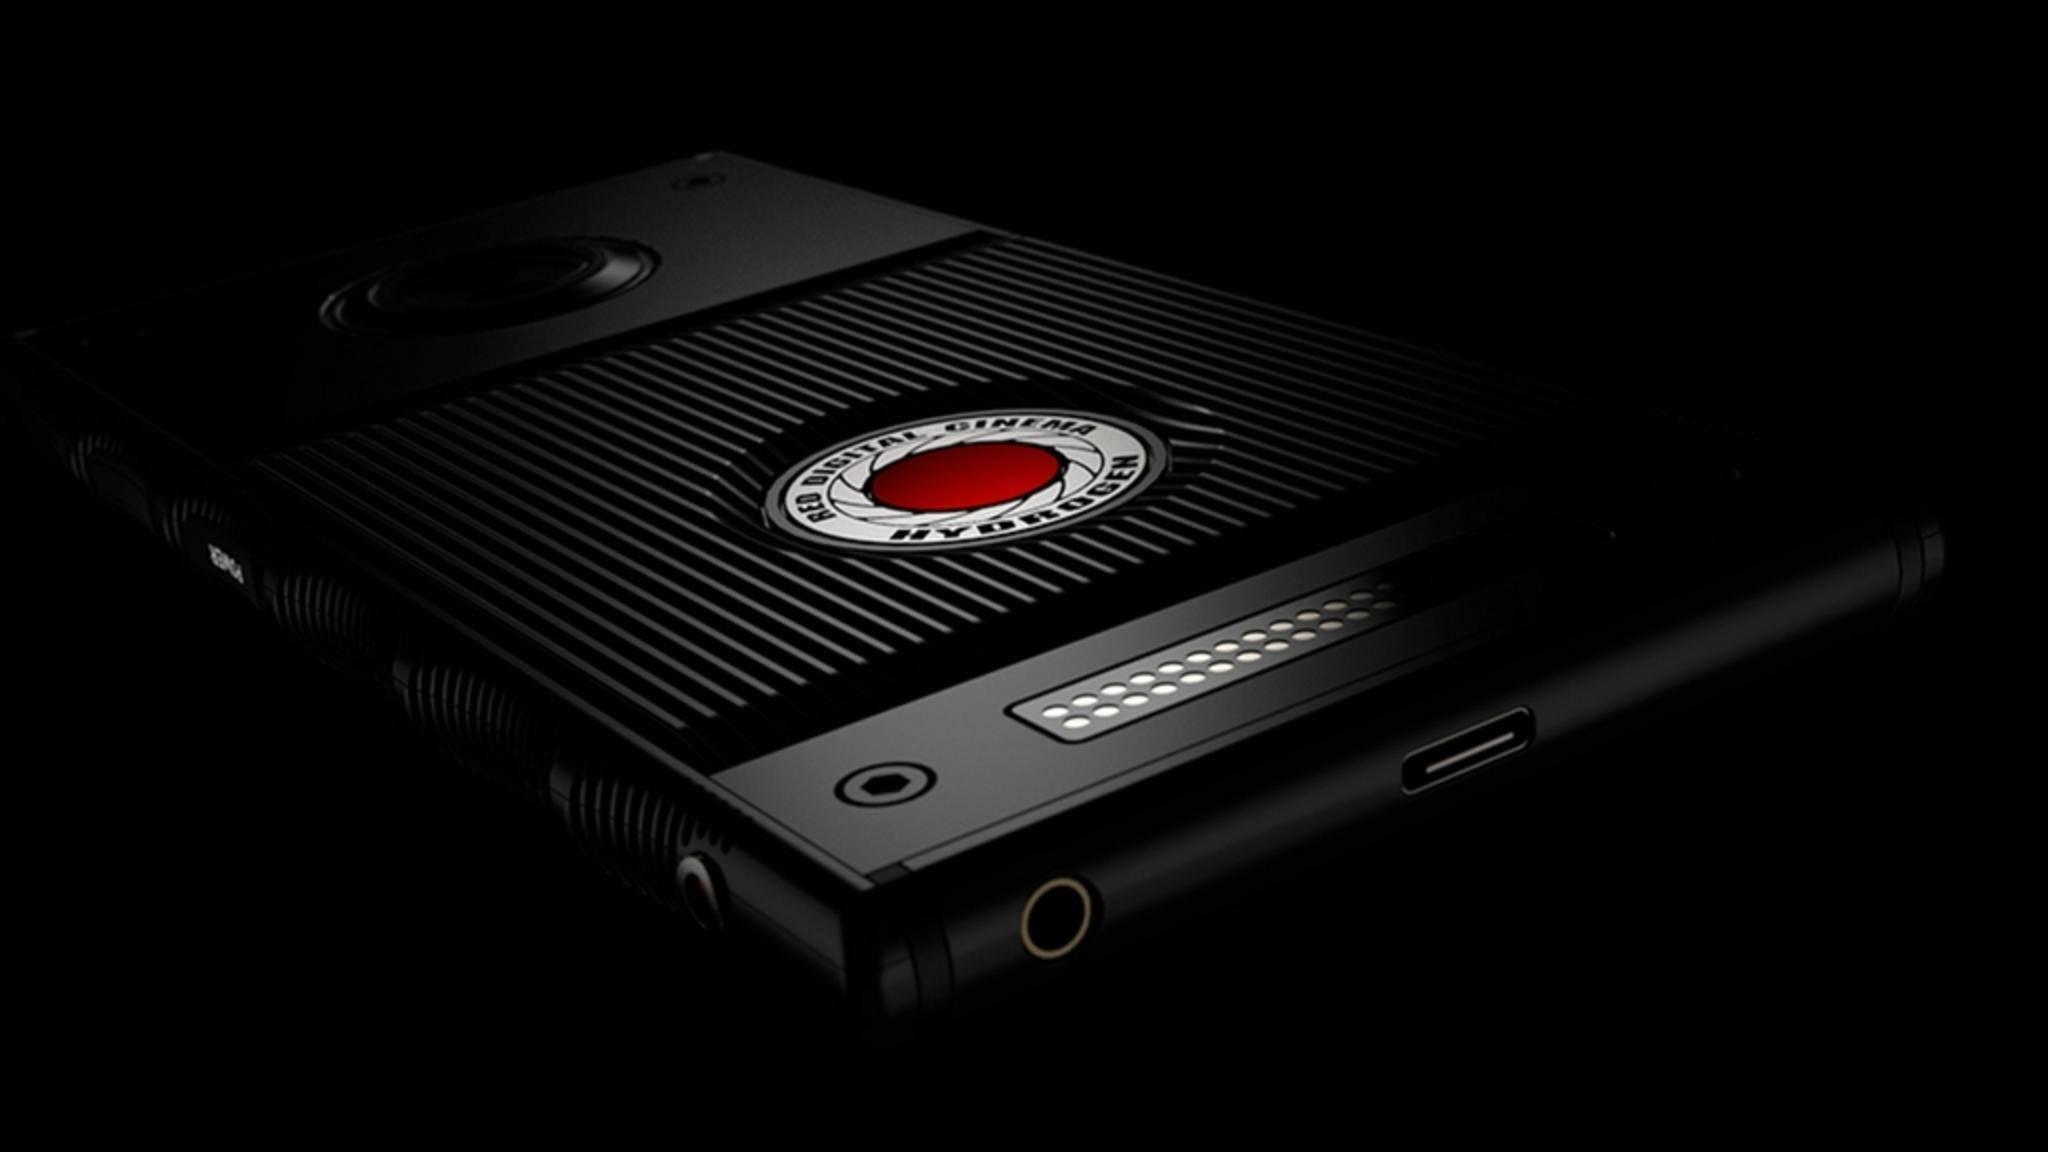 RED bringt Smartphone mit holografischem Display